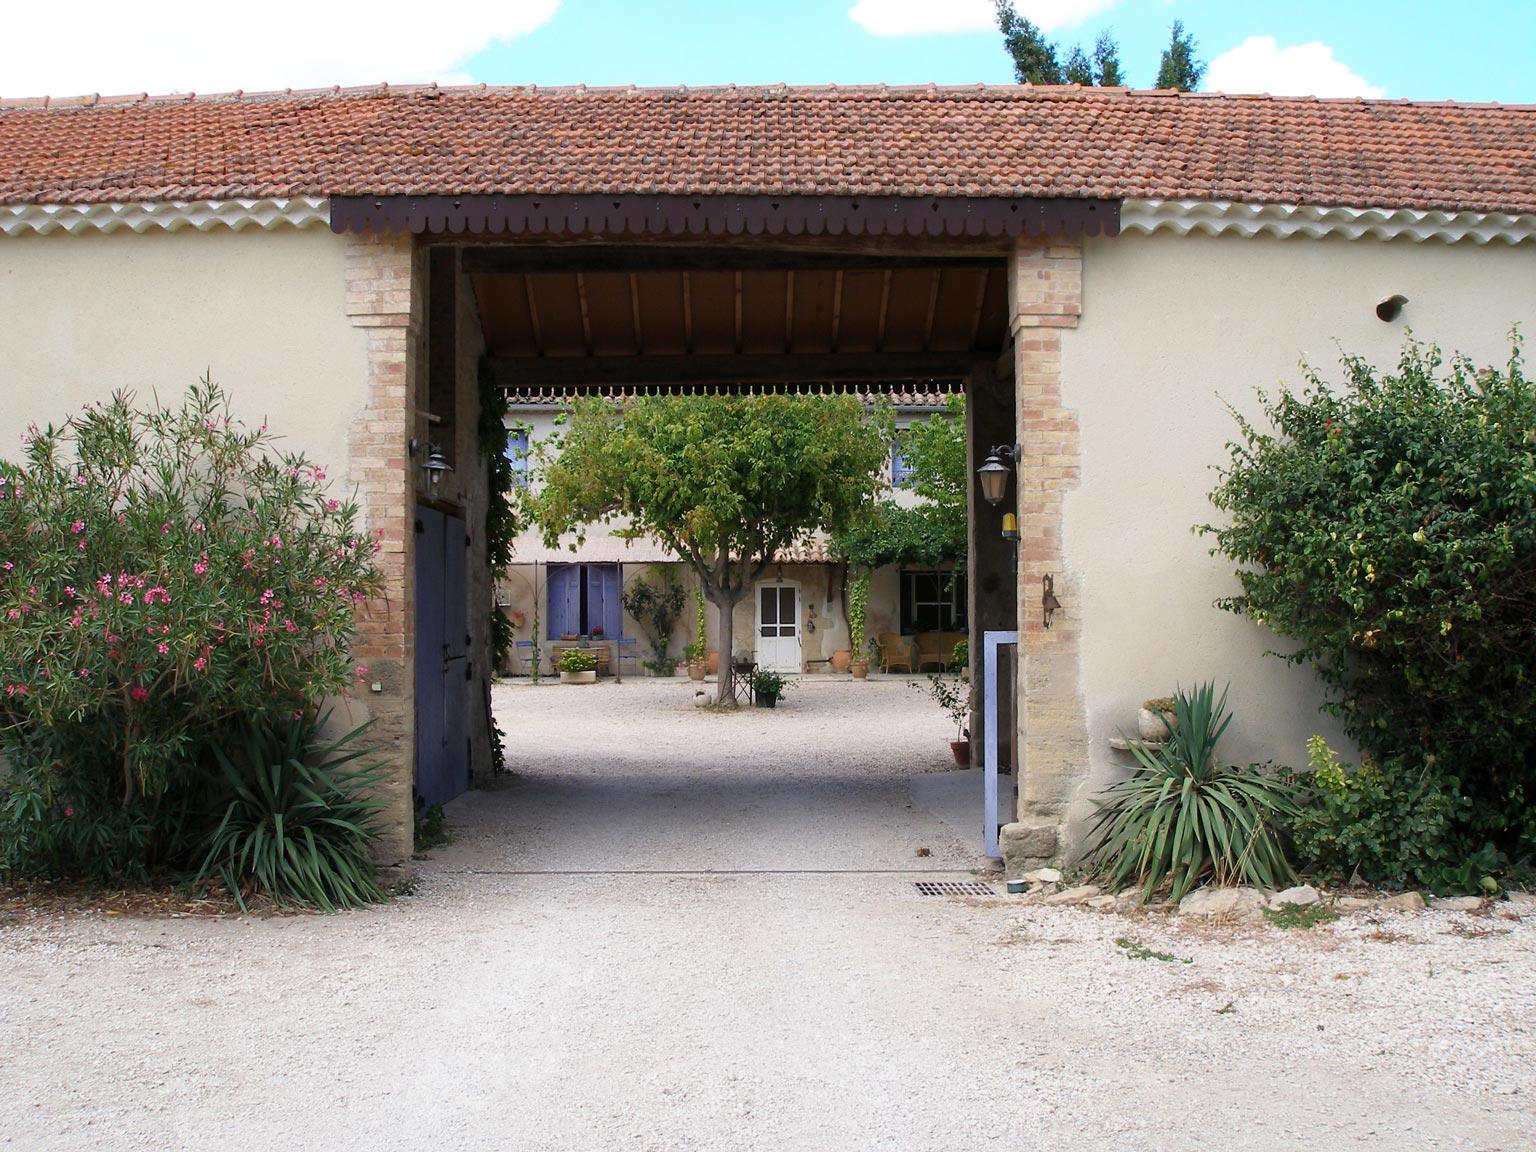 bienvenue au gîte St Jacques